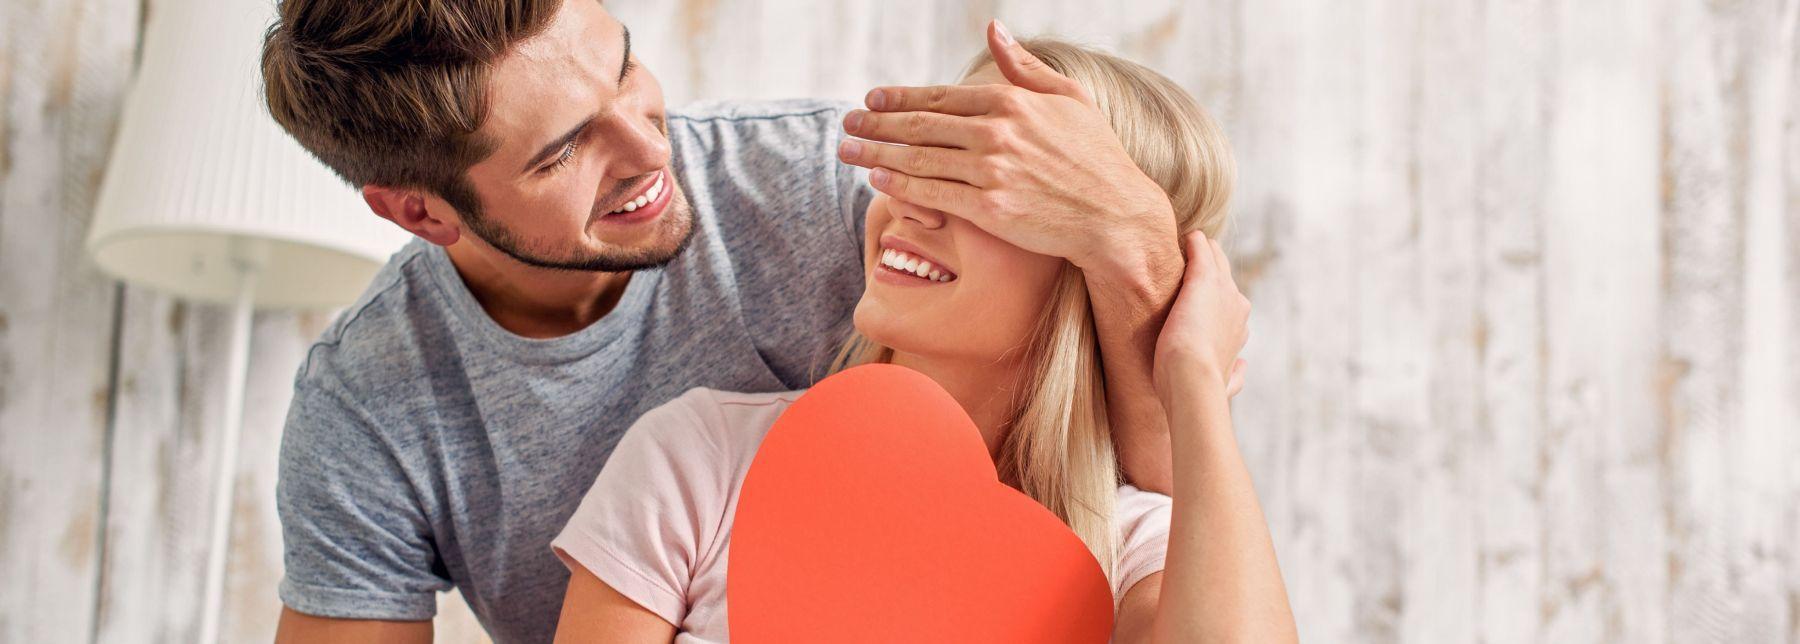 Sugestões de presentes para o dia dos namorados que você mesmo pode personalizar